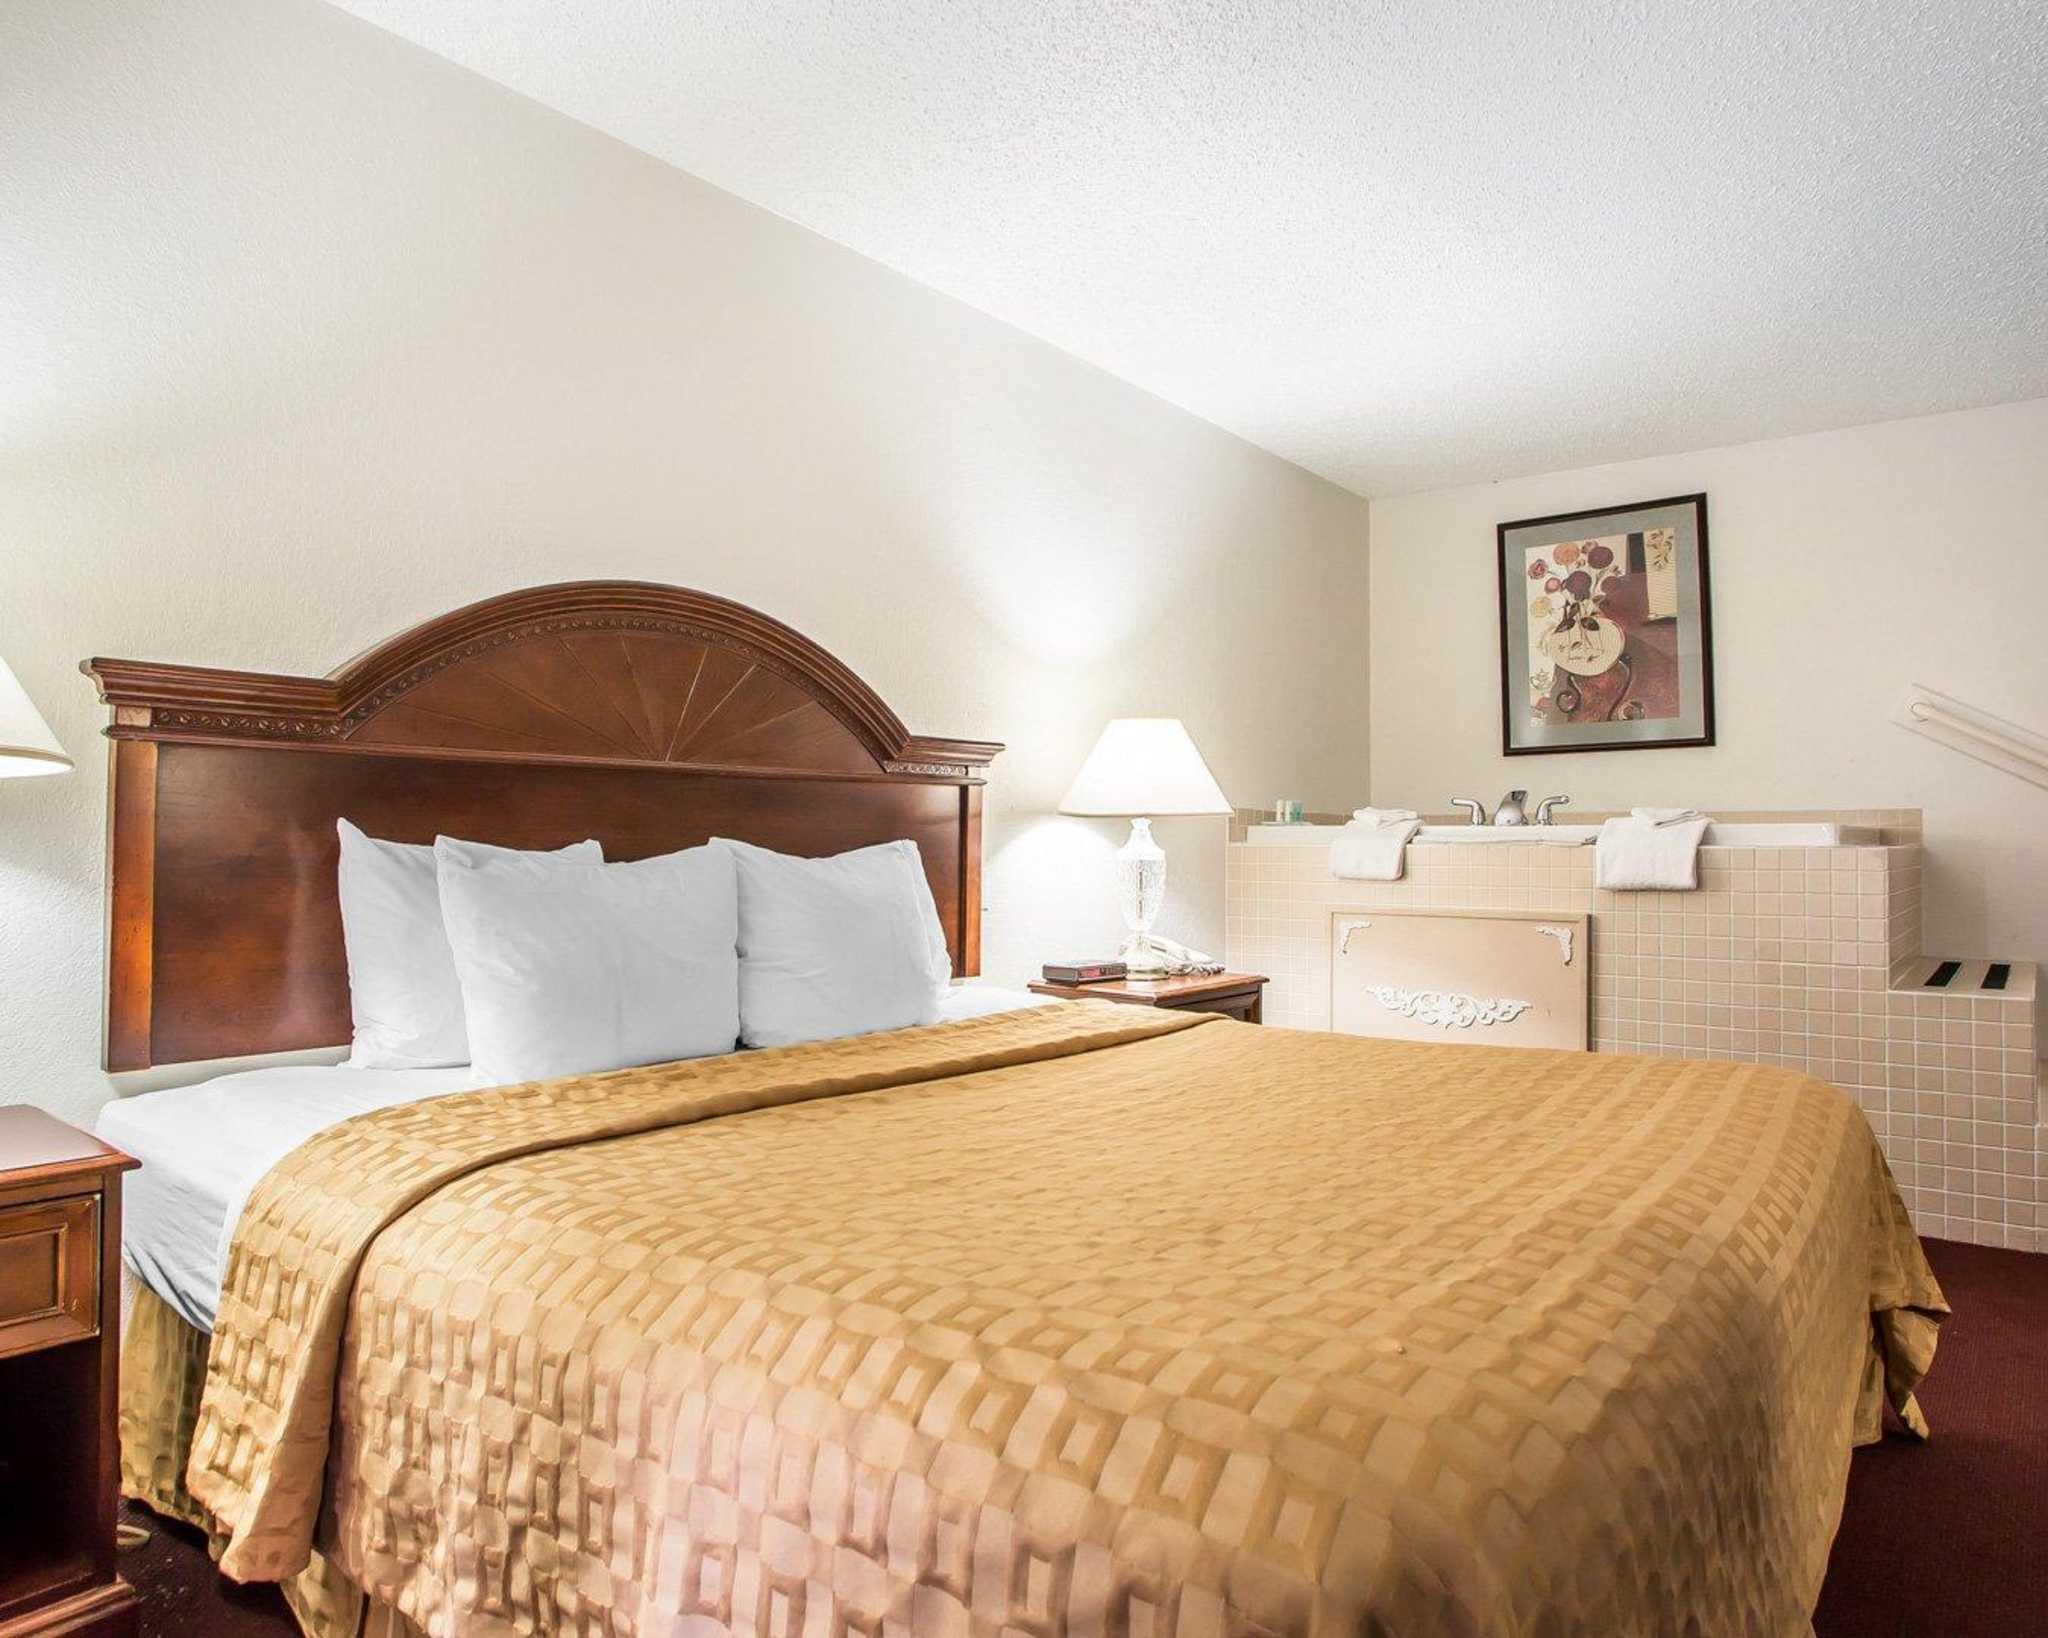 Clarion Hotel Highlander Conference Center image 22